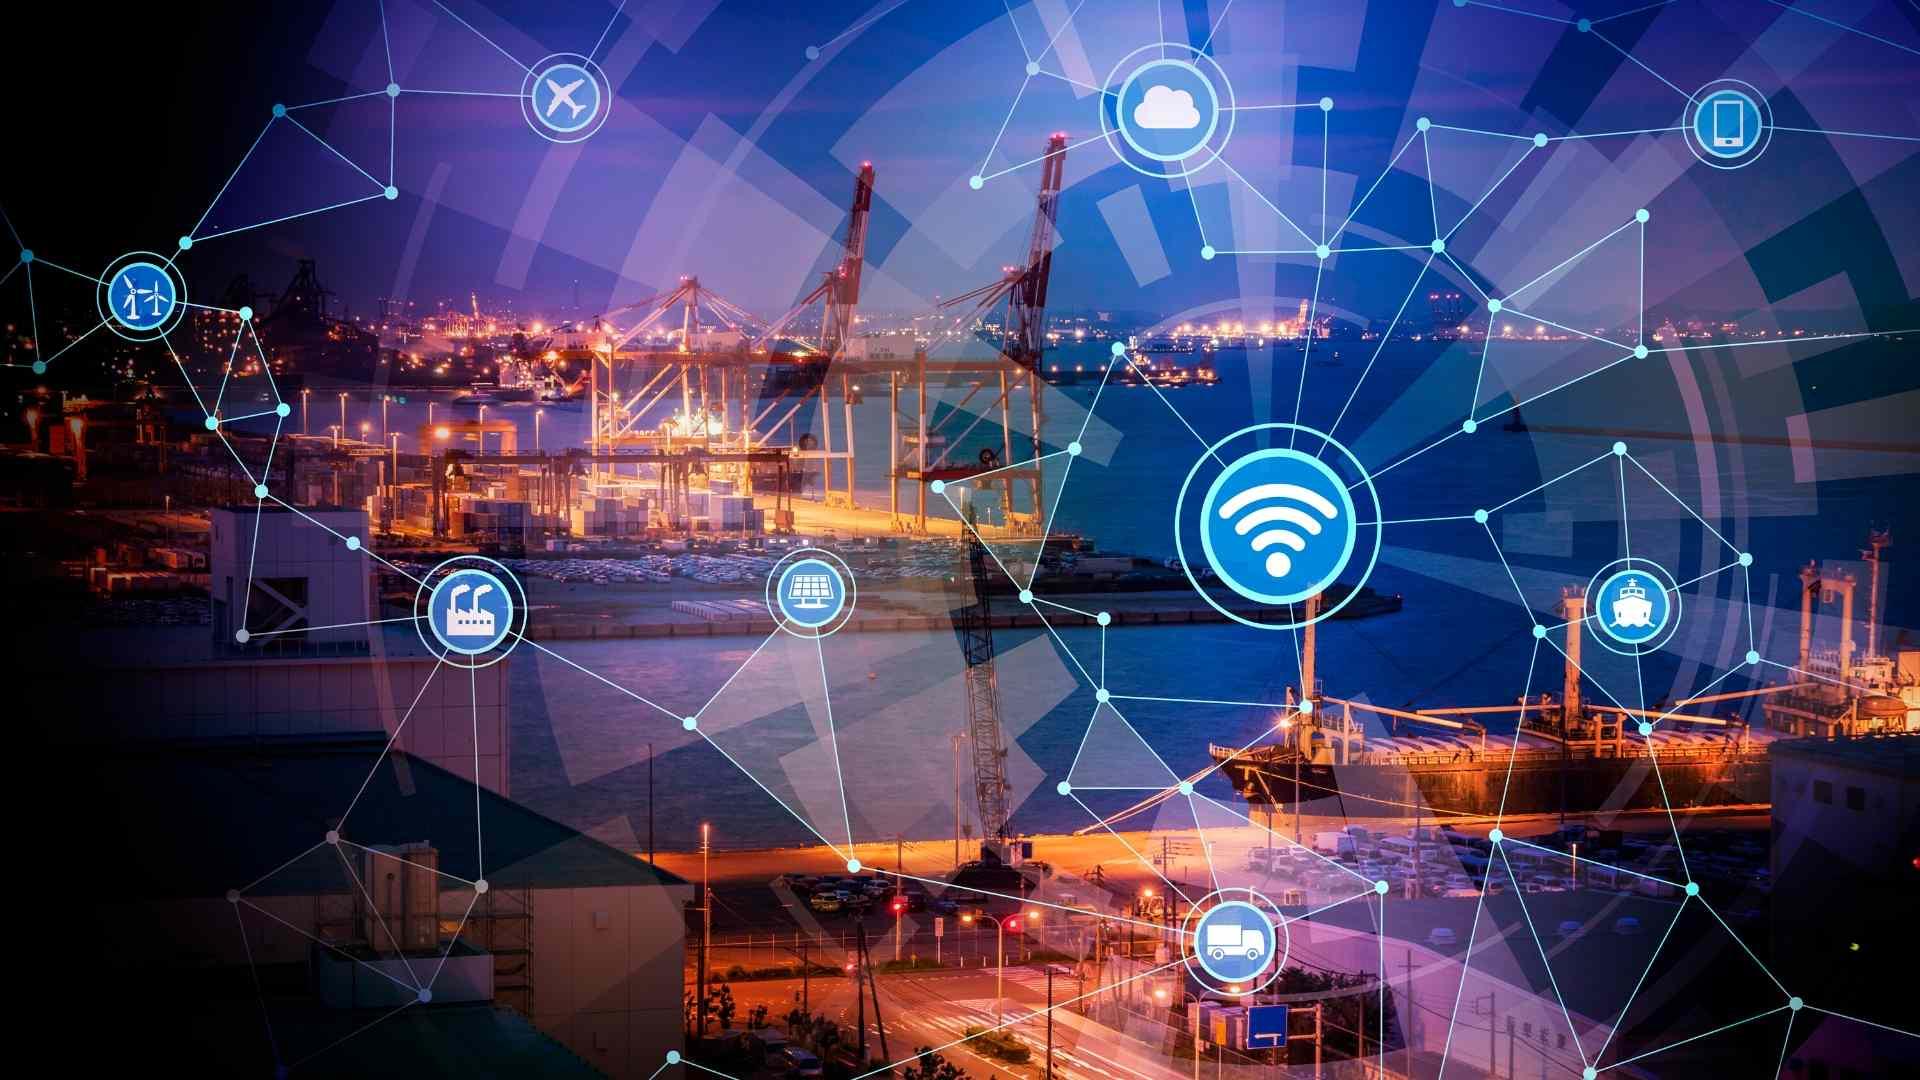 Cerchi affidabilità nel trasporto dei dati?